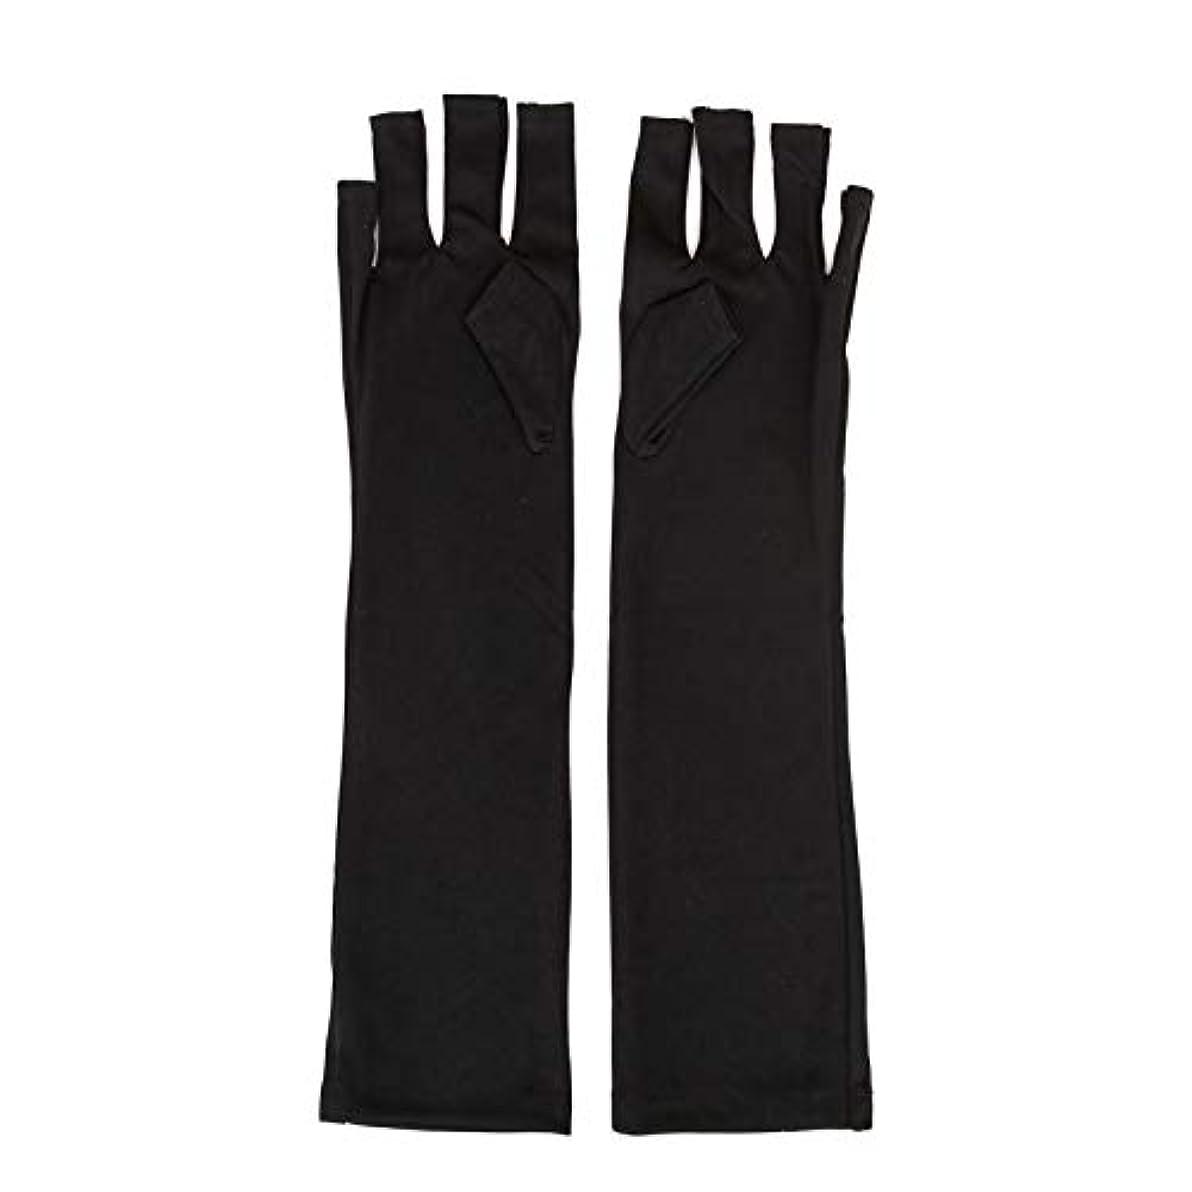 ドレス流産エジプト1ペアネイルアートUV保護手袋UVランプ放射線防護手袋ネイルアートドライヤーツールマニキュアツールネイルアートツールオープントゥブラック